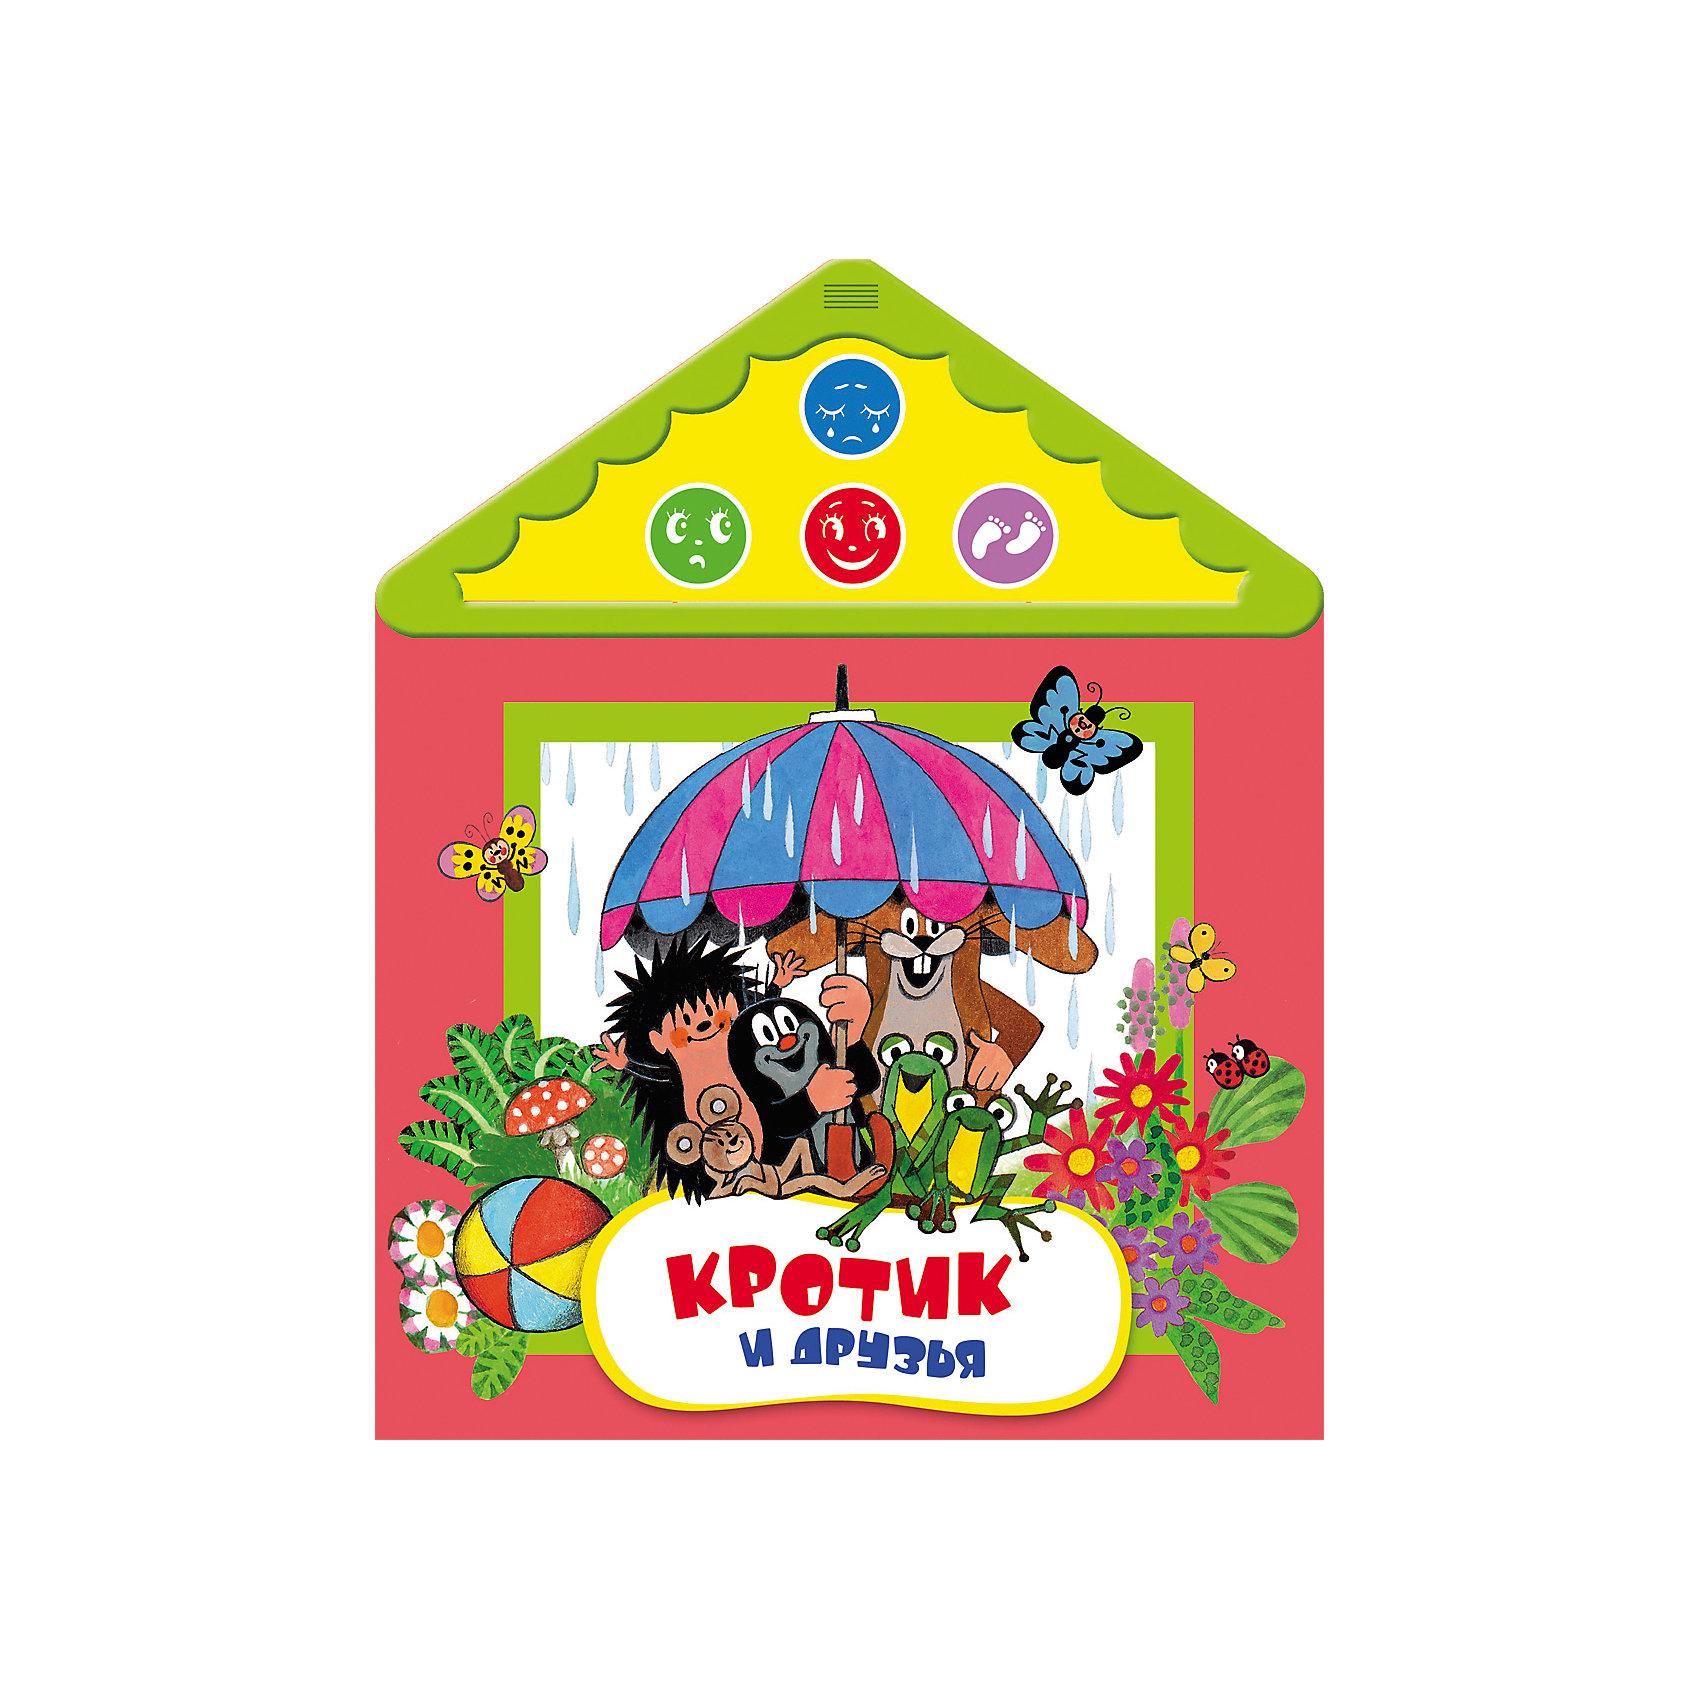 Росмэн Кротик и друзья (со звуковым модулем) художественные книги росмэн книга кротик любимые истории